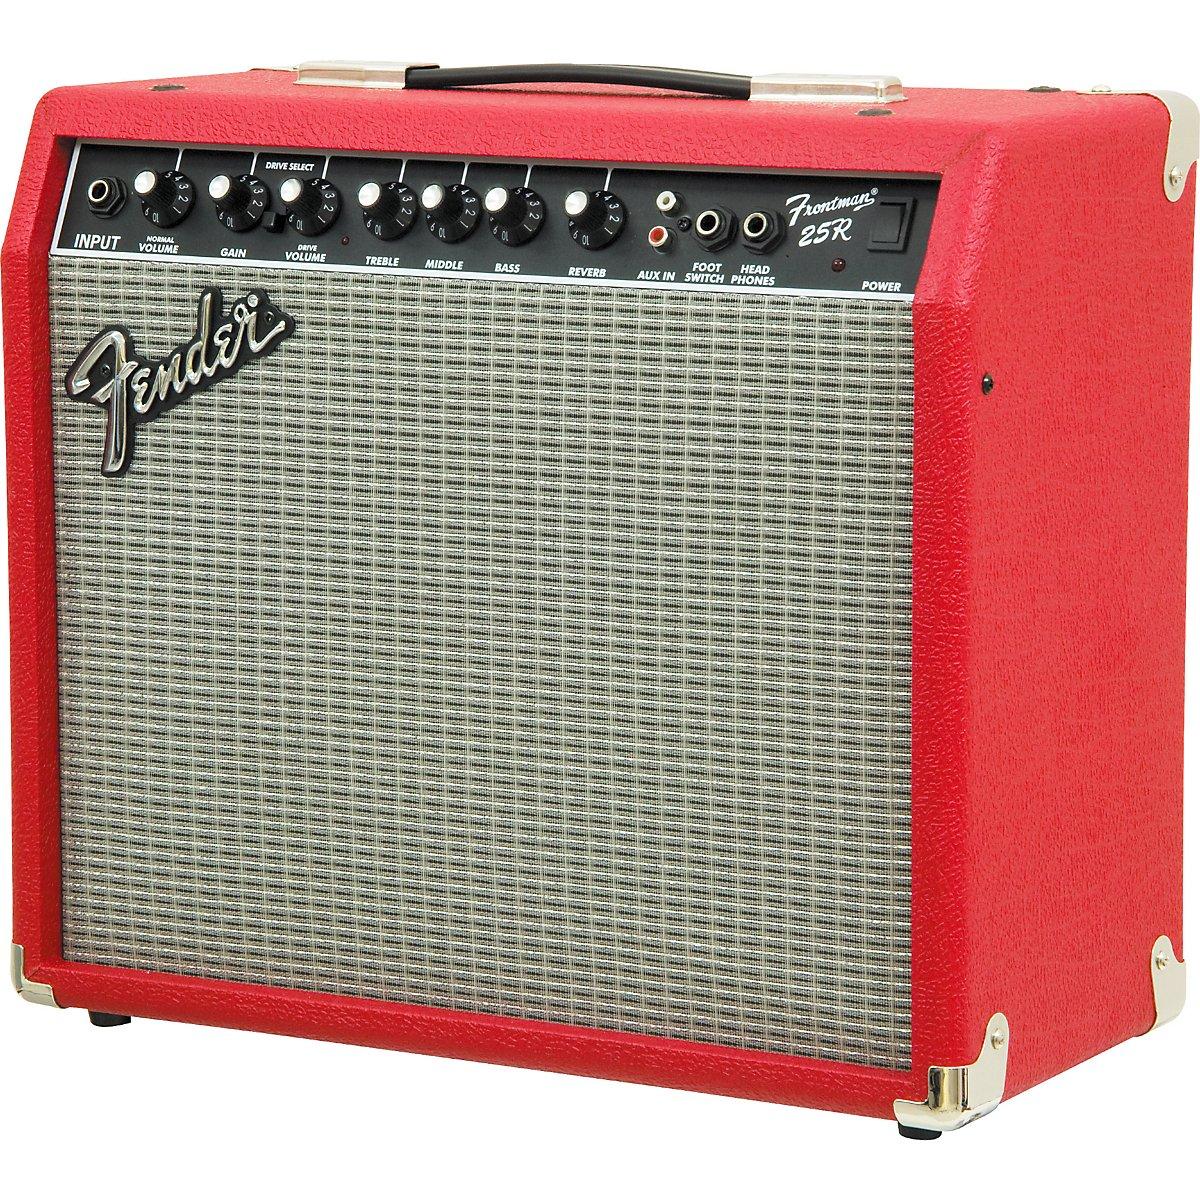 Fender 25r Frontman Series ii Amp Fender 25r Frontman Series